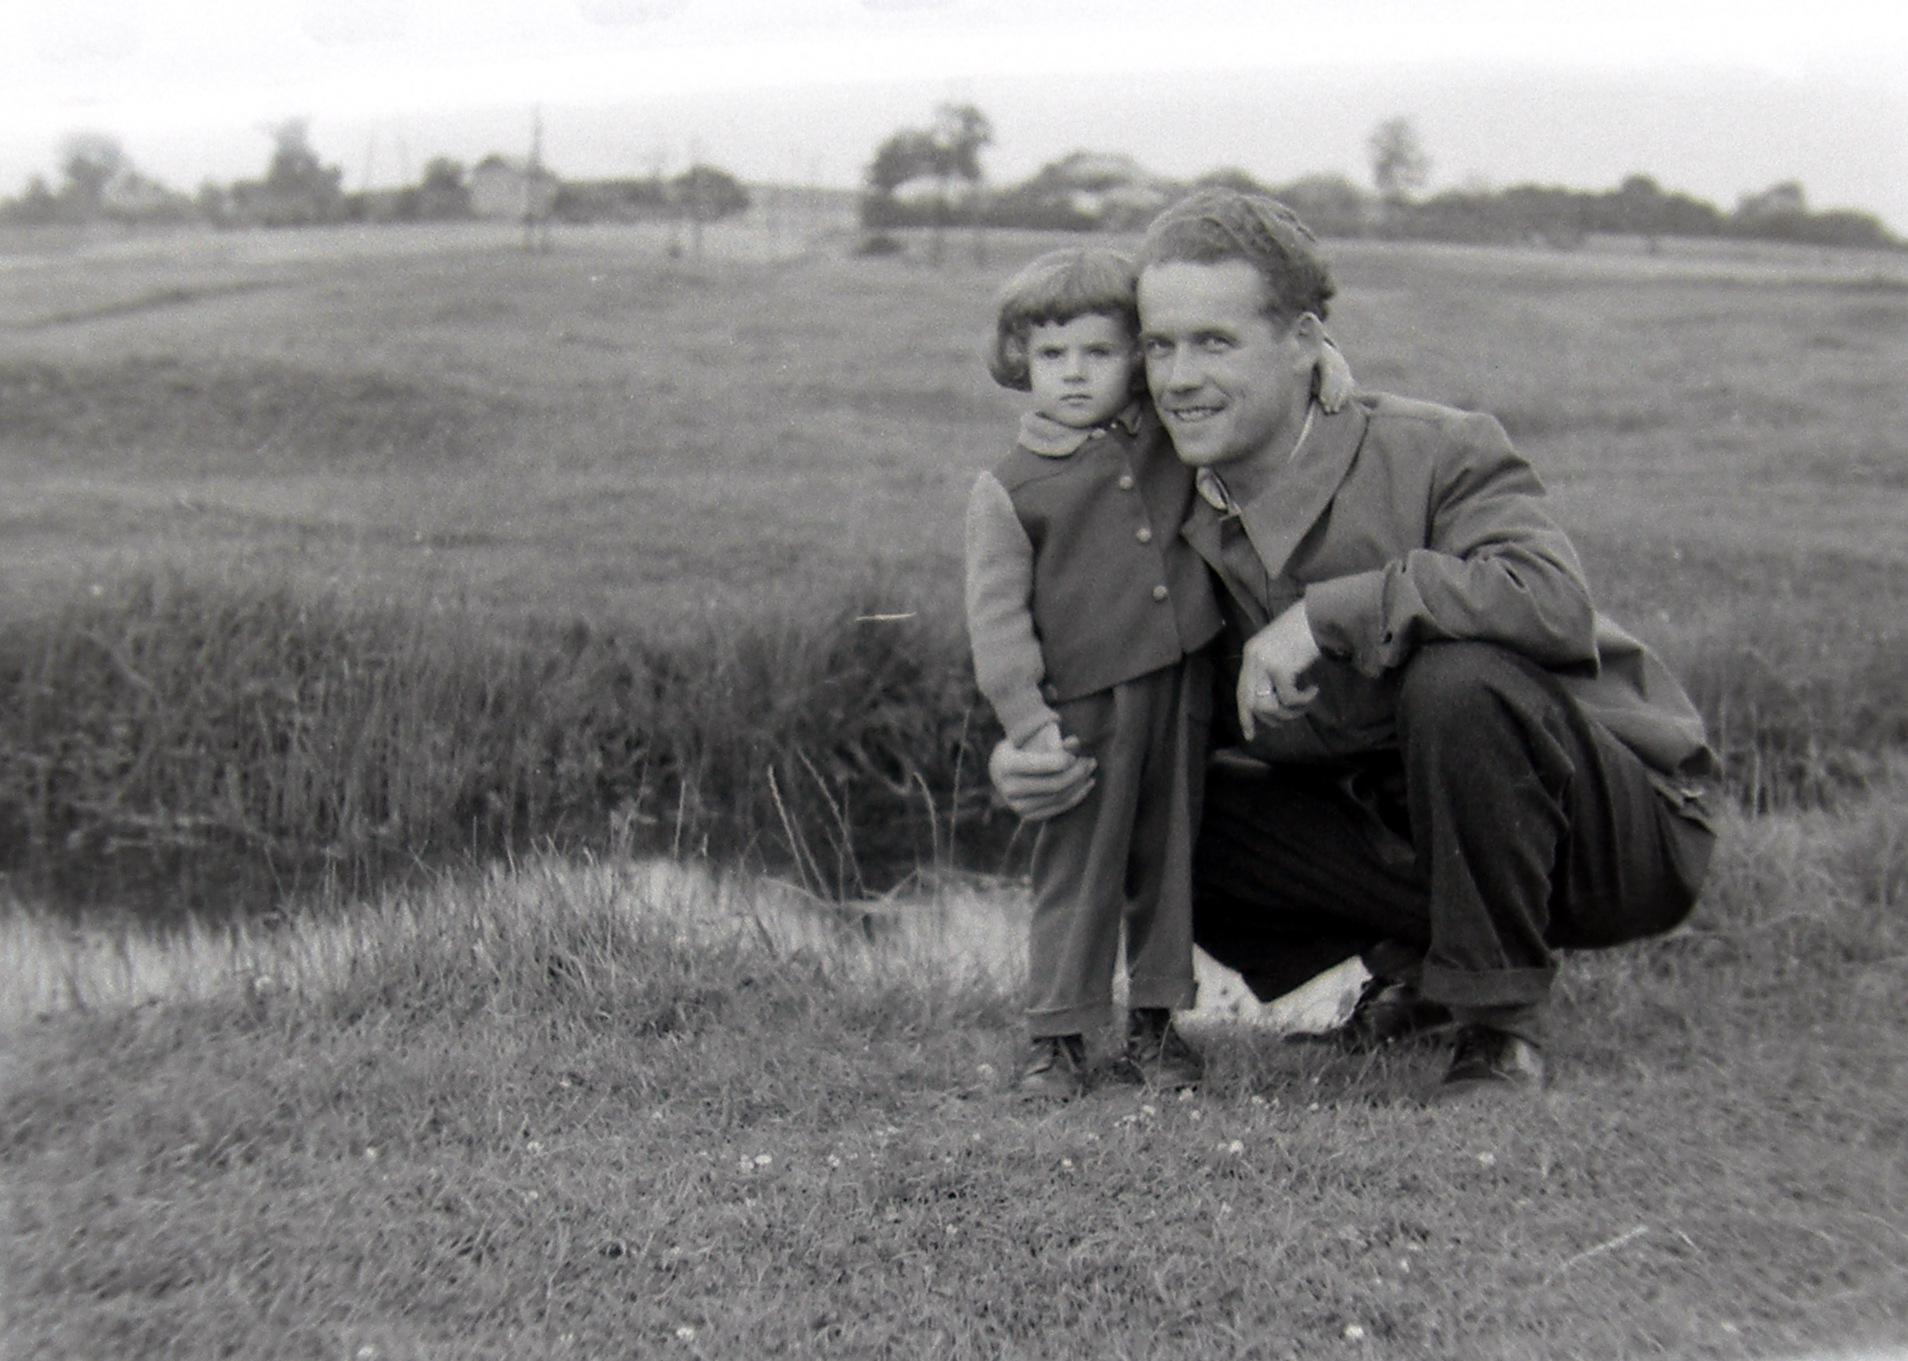 2. Fotograf Jan Nosowicz na spacerze z synem Tomaszem. Fot. Ze zbioru rodziny Nosowiczów.